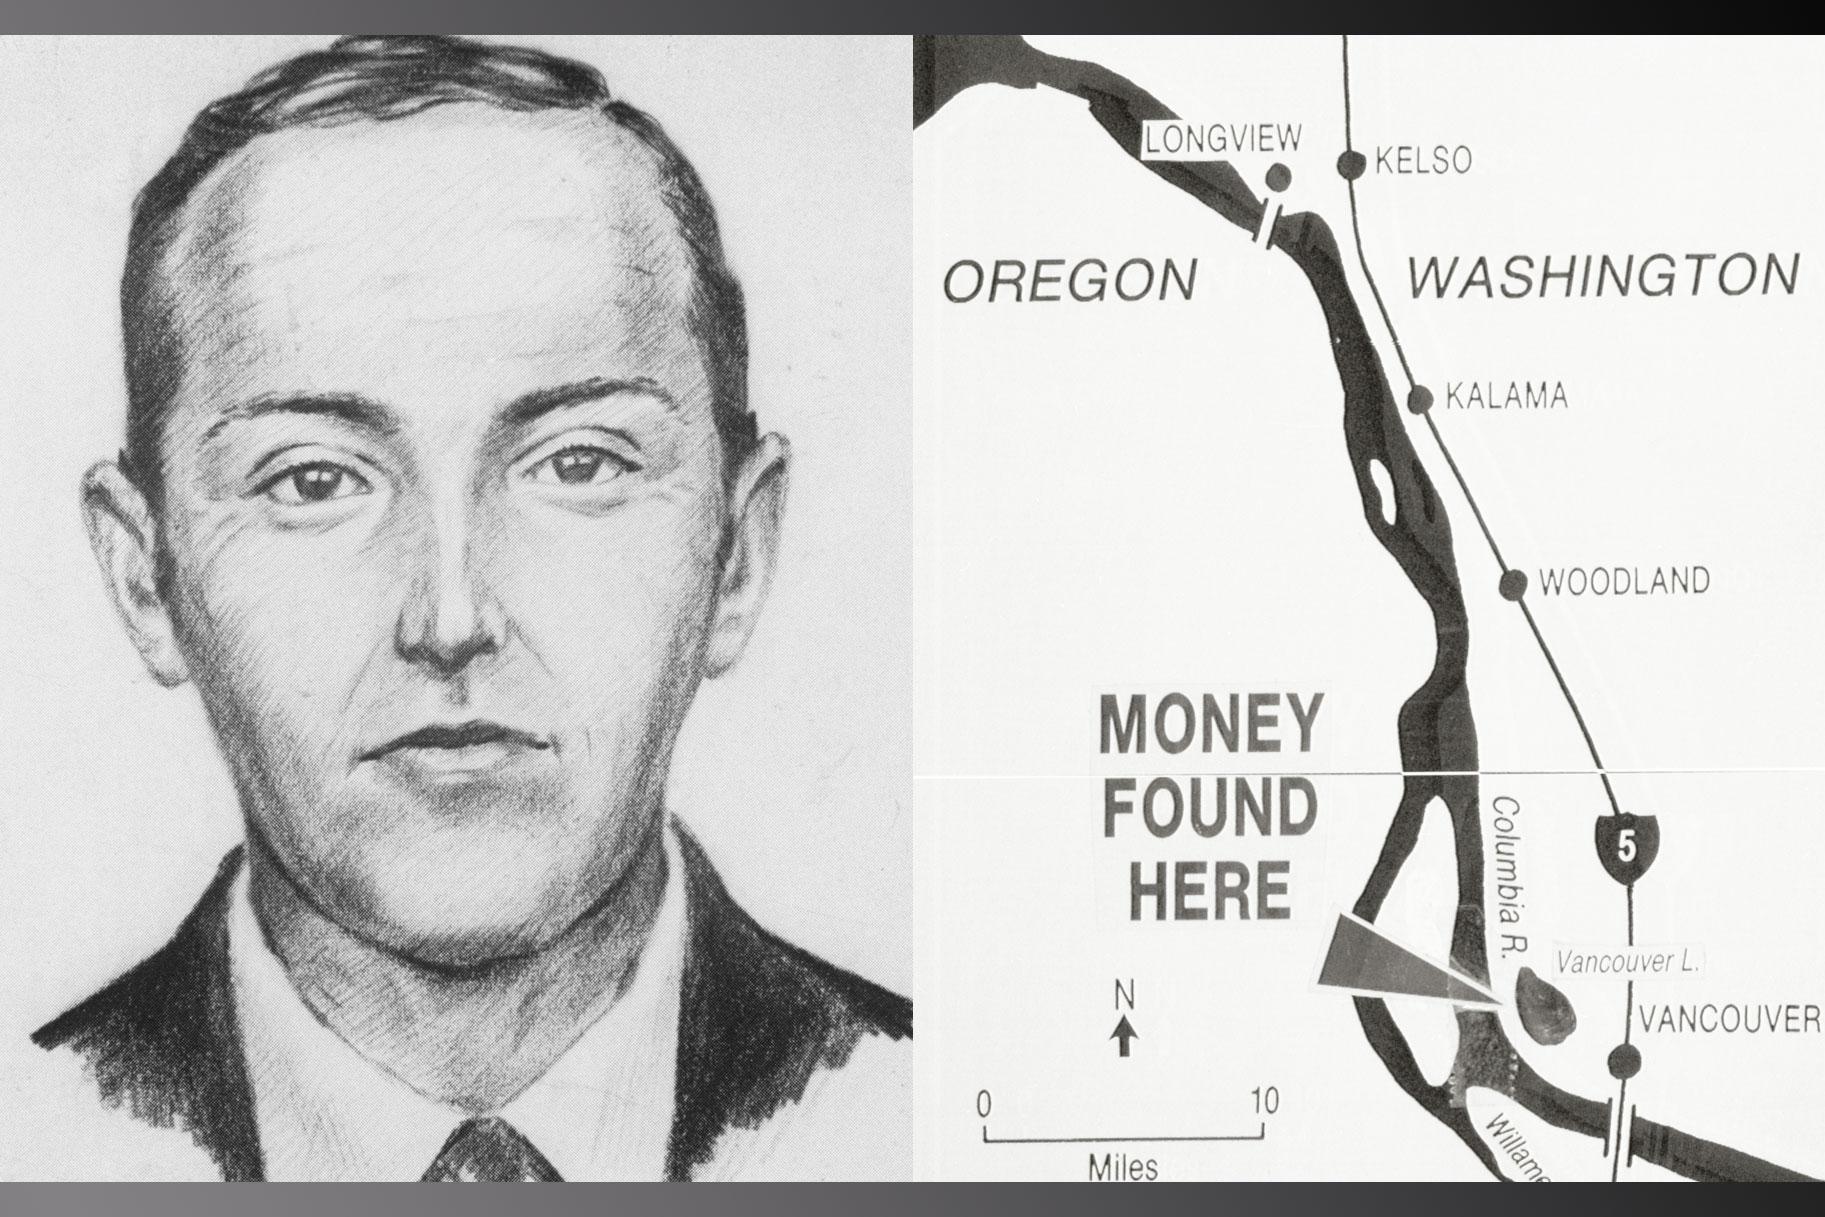 Secuestros de aviones en D.B. La era de Cooper solía ser mucho más común, y algunos incluso los consideraban 'divertidos'